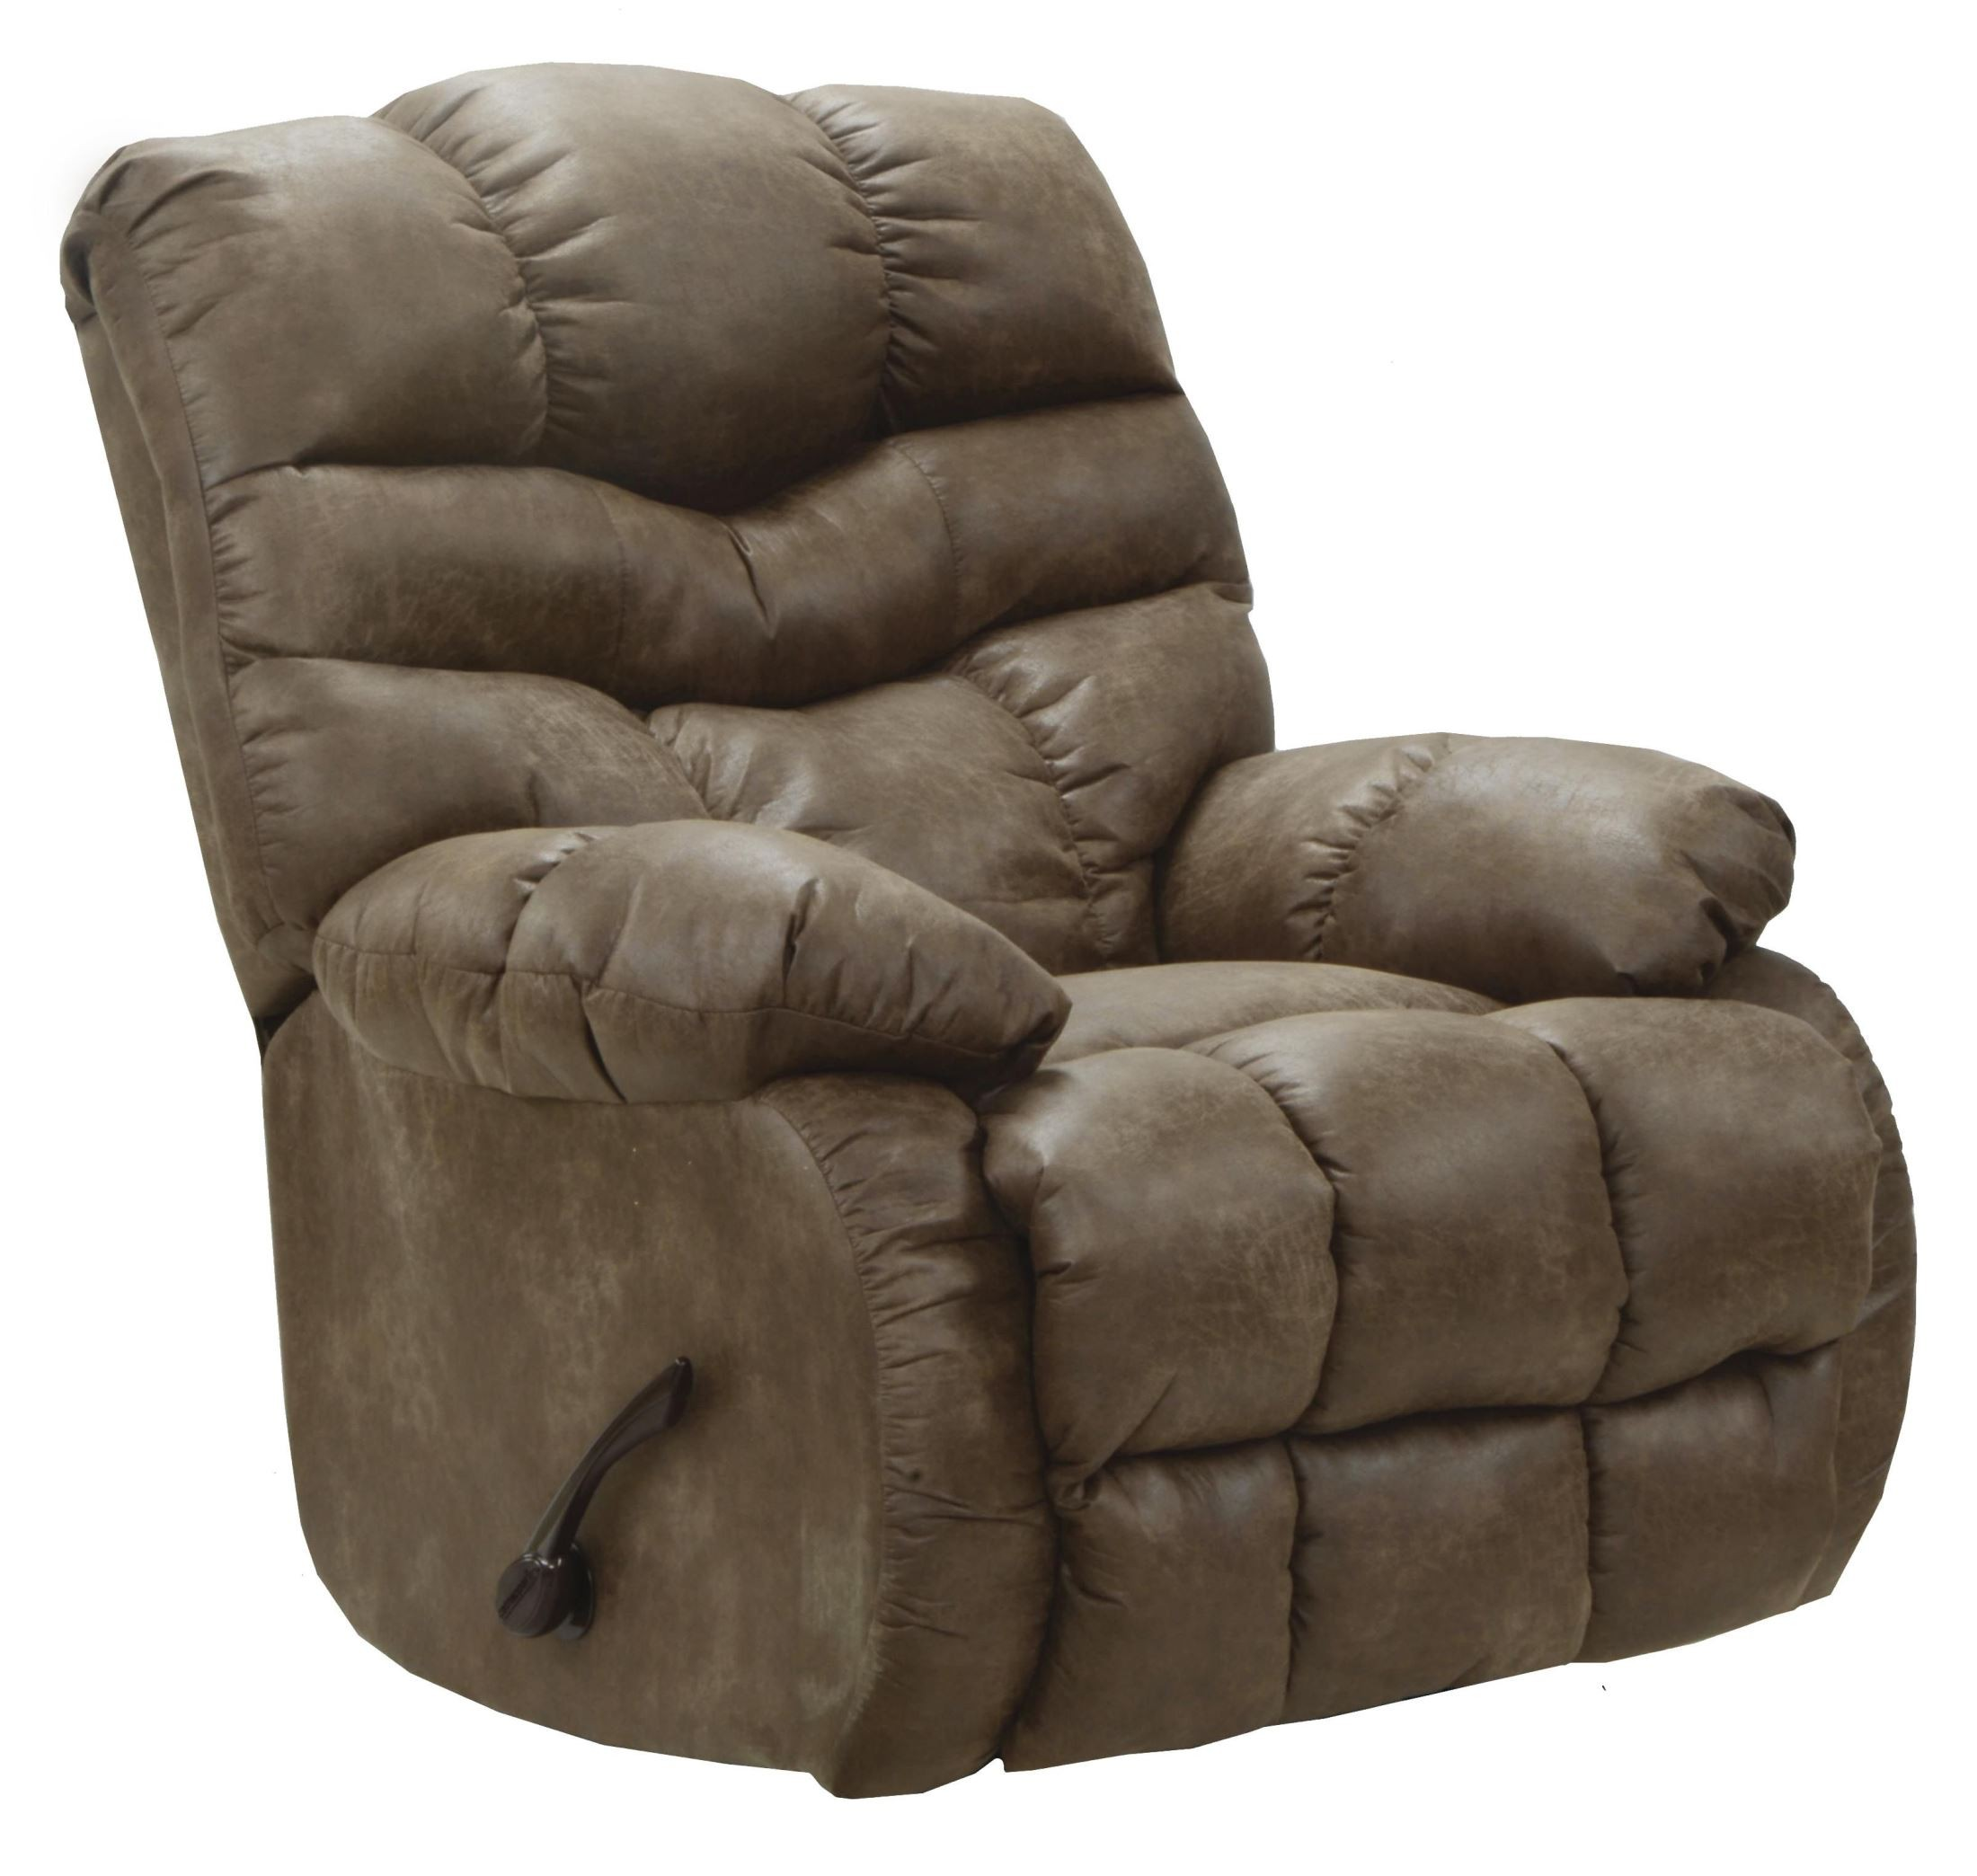 Berman silt rocker recliner from catnapper 47382122749 for Catnapper cloud nine chaise recliner